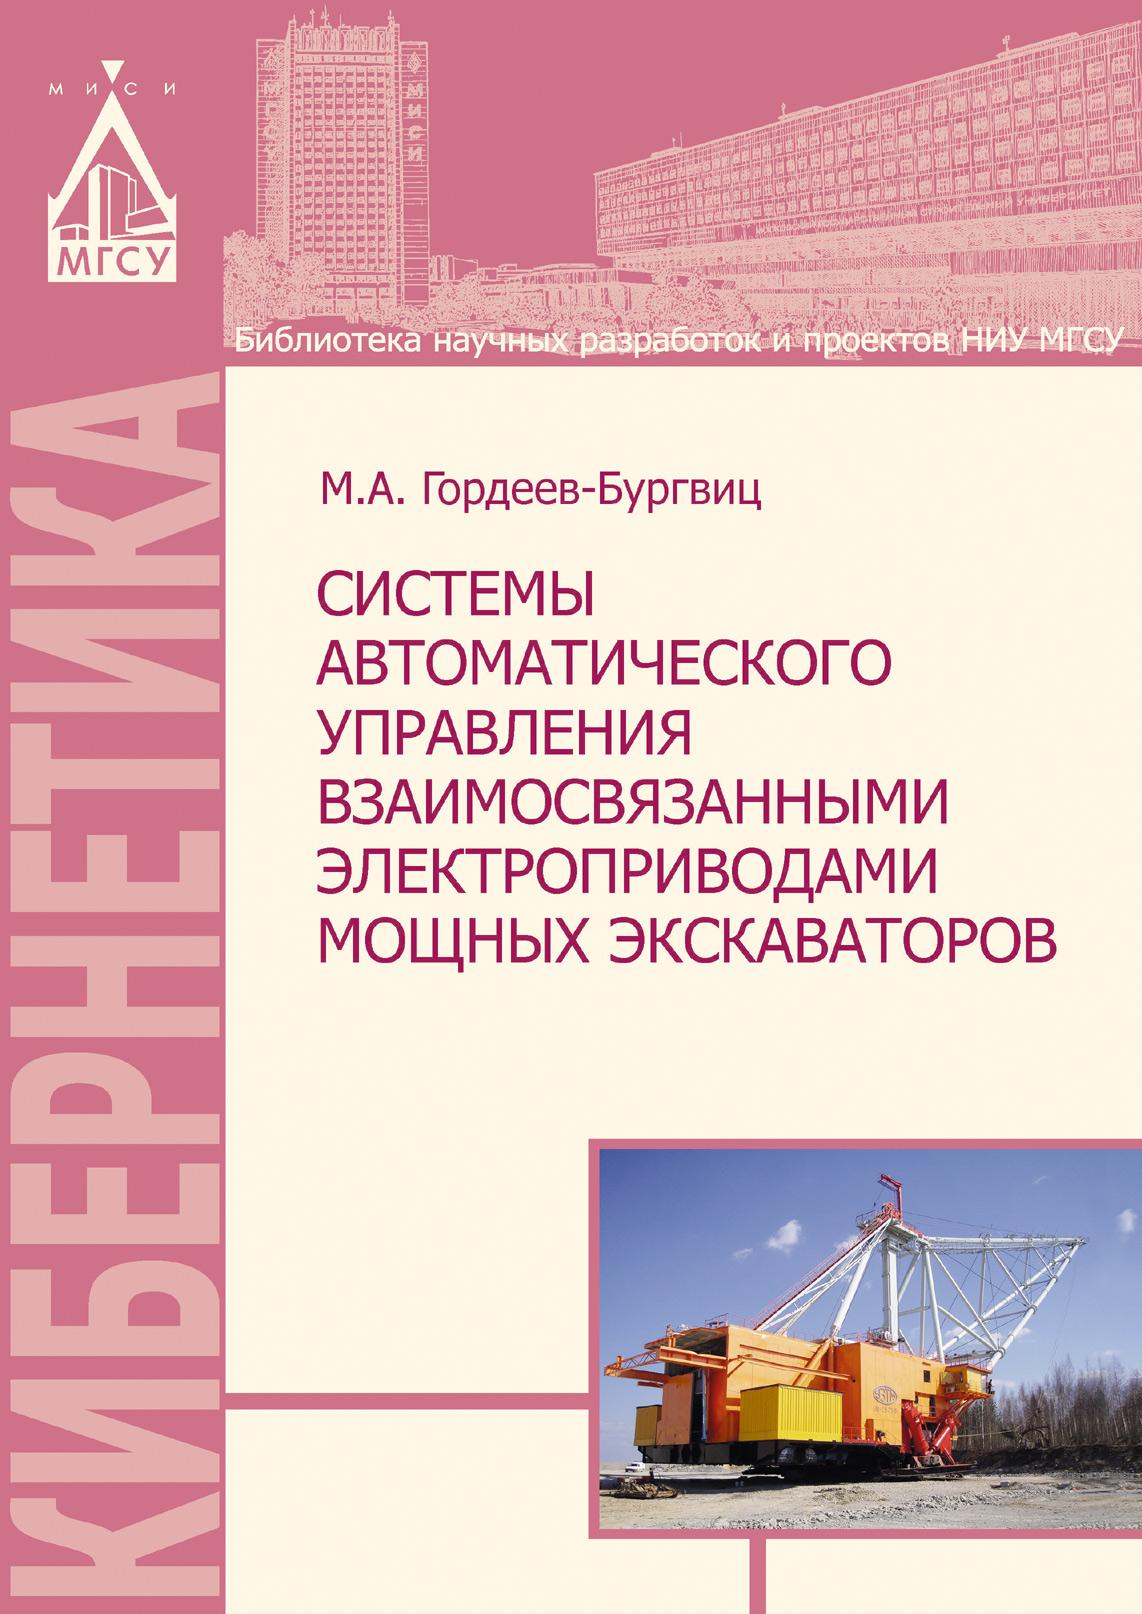 М. А. Гордеев-Бургвиц Системы автоматического управления взаимосвязанными электроприводами мощных экскаваторов